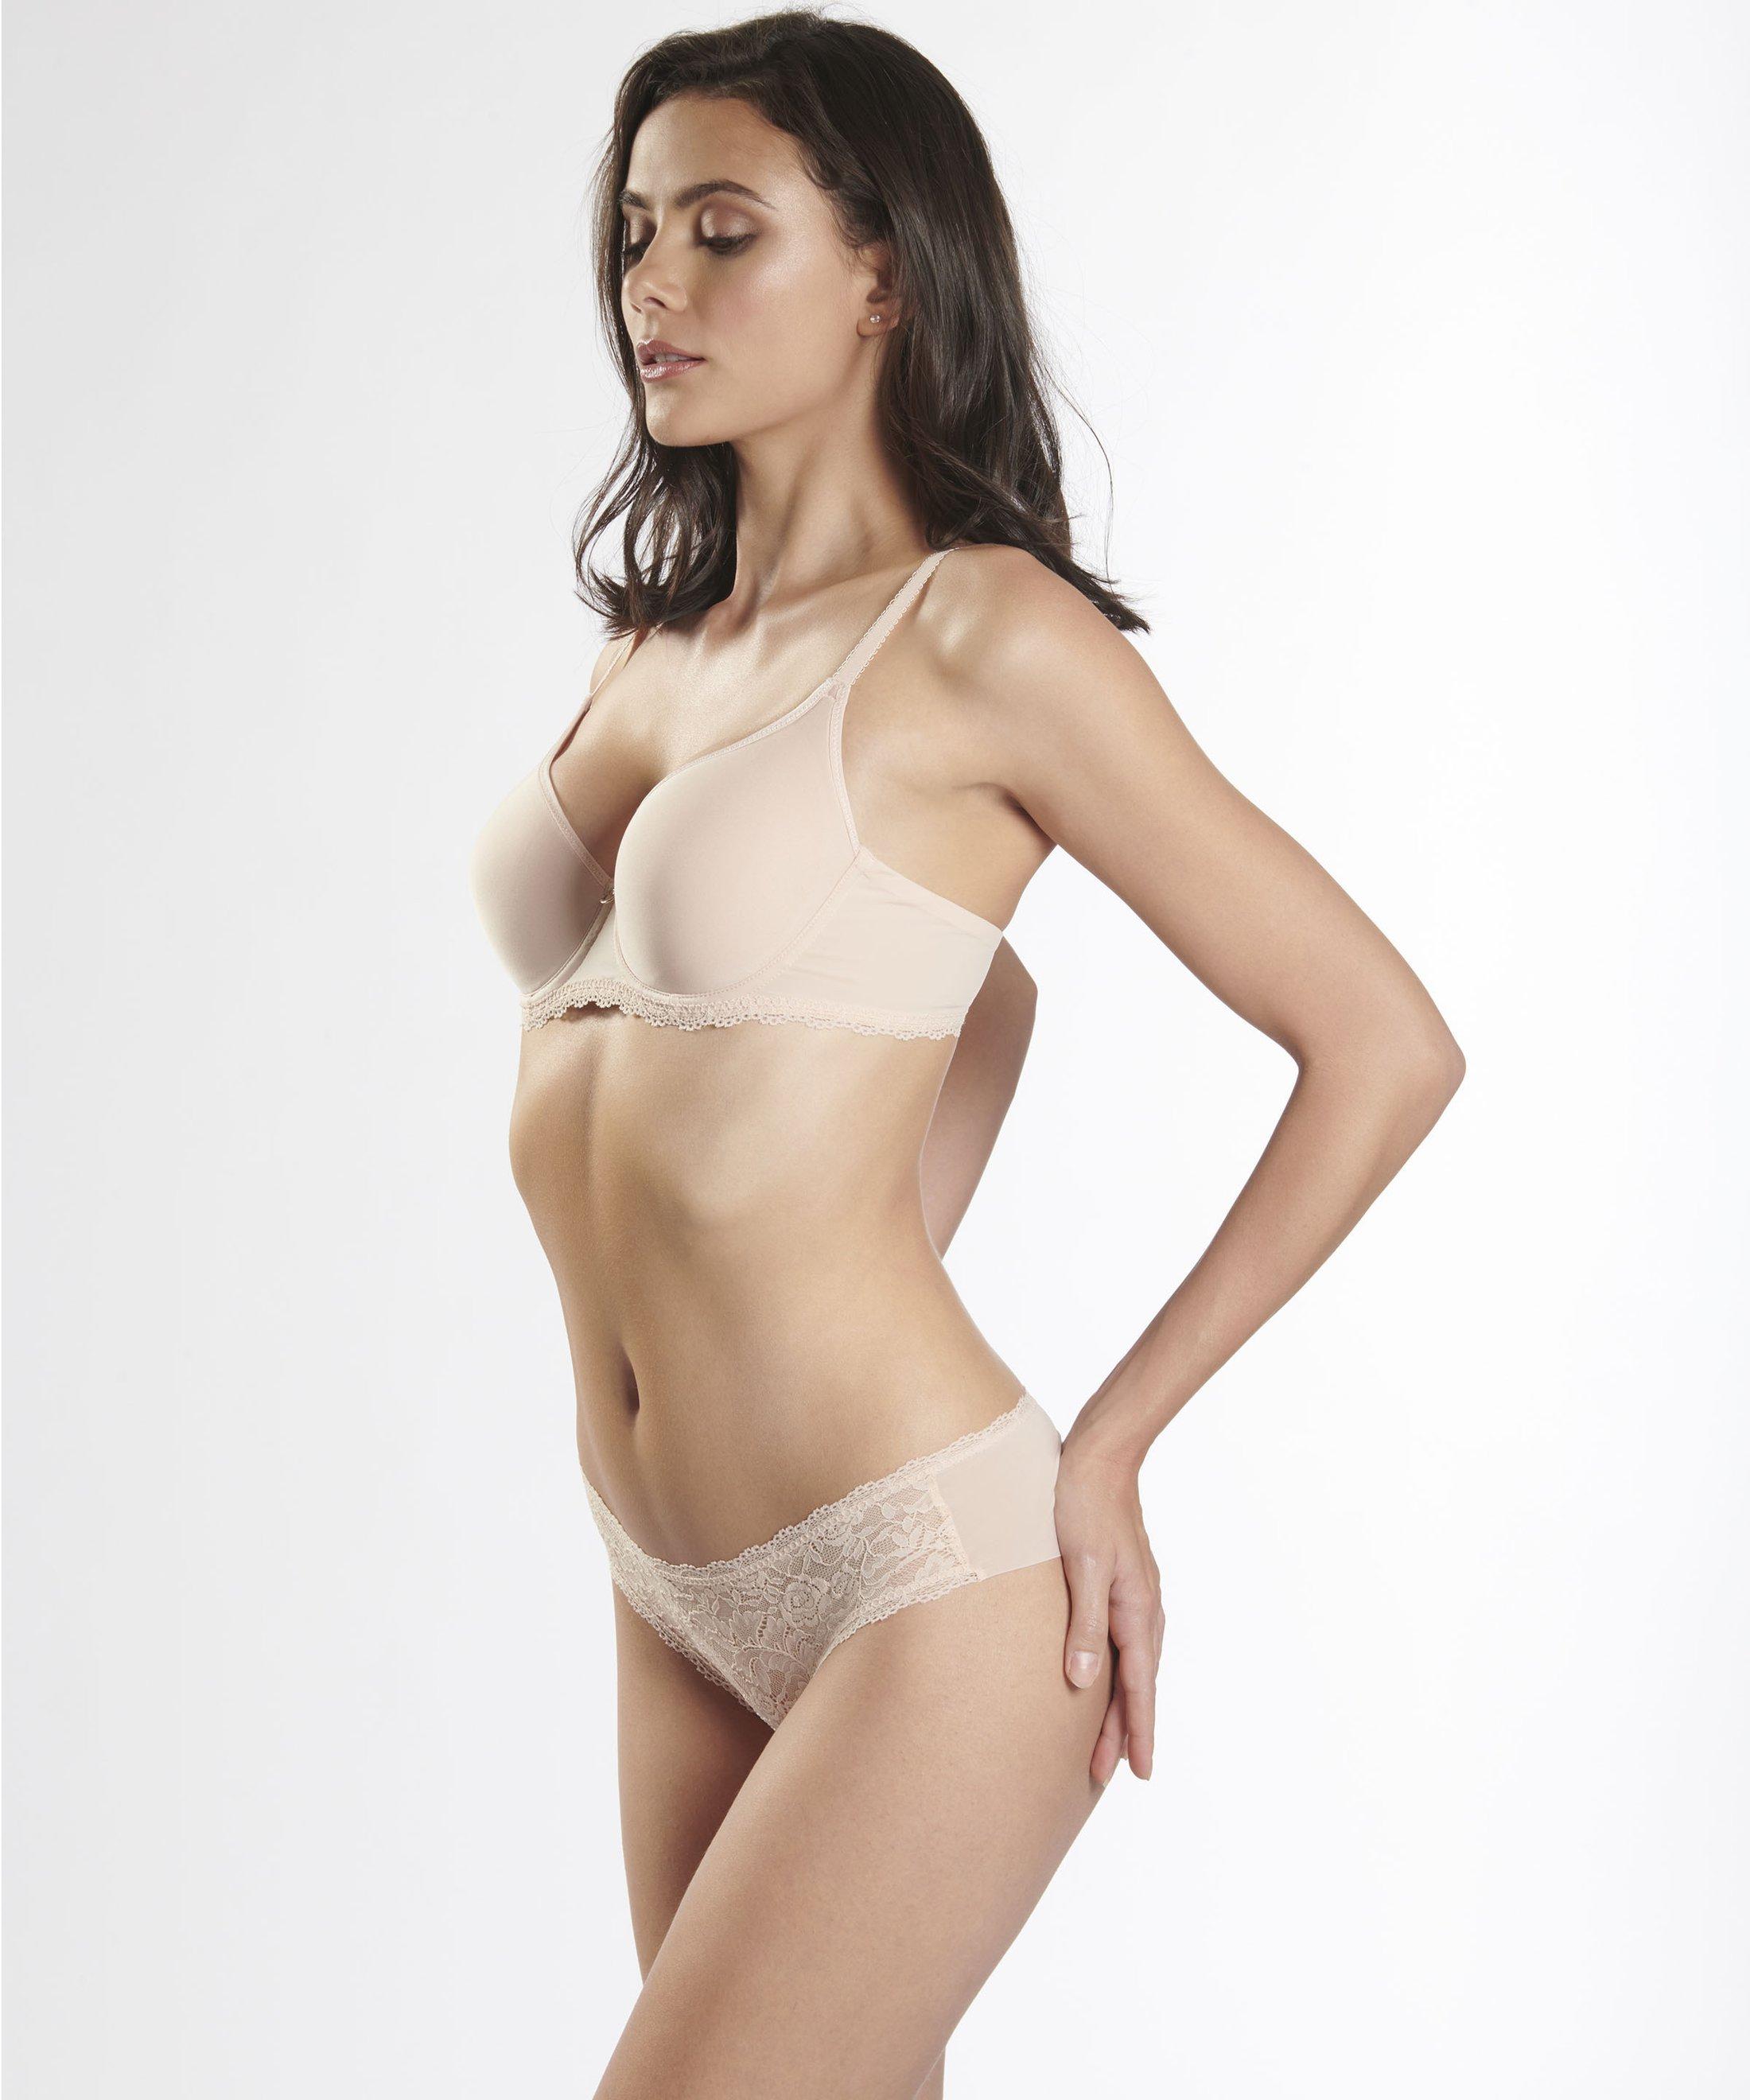 LYSESSENCE Soutien-gorge spacer t-shirt bra Nude d'Été | Aubade